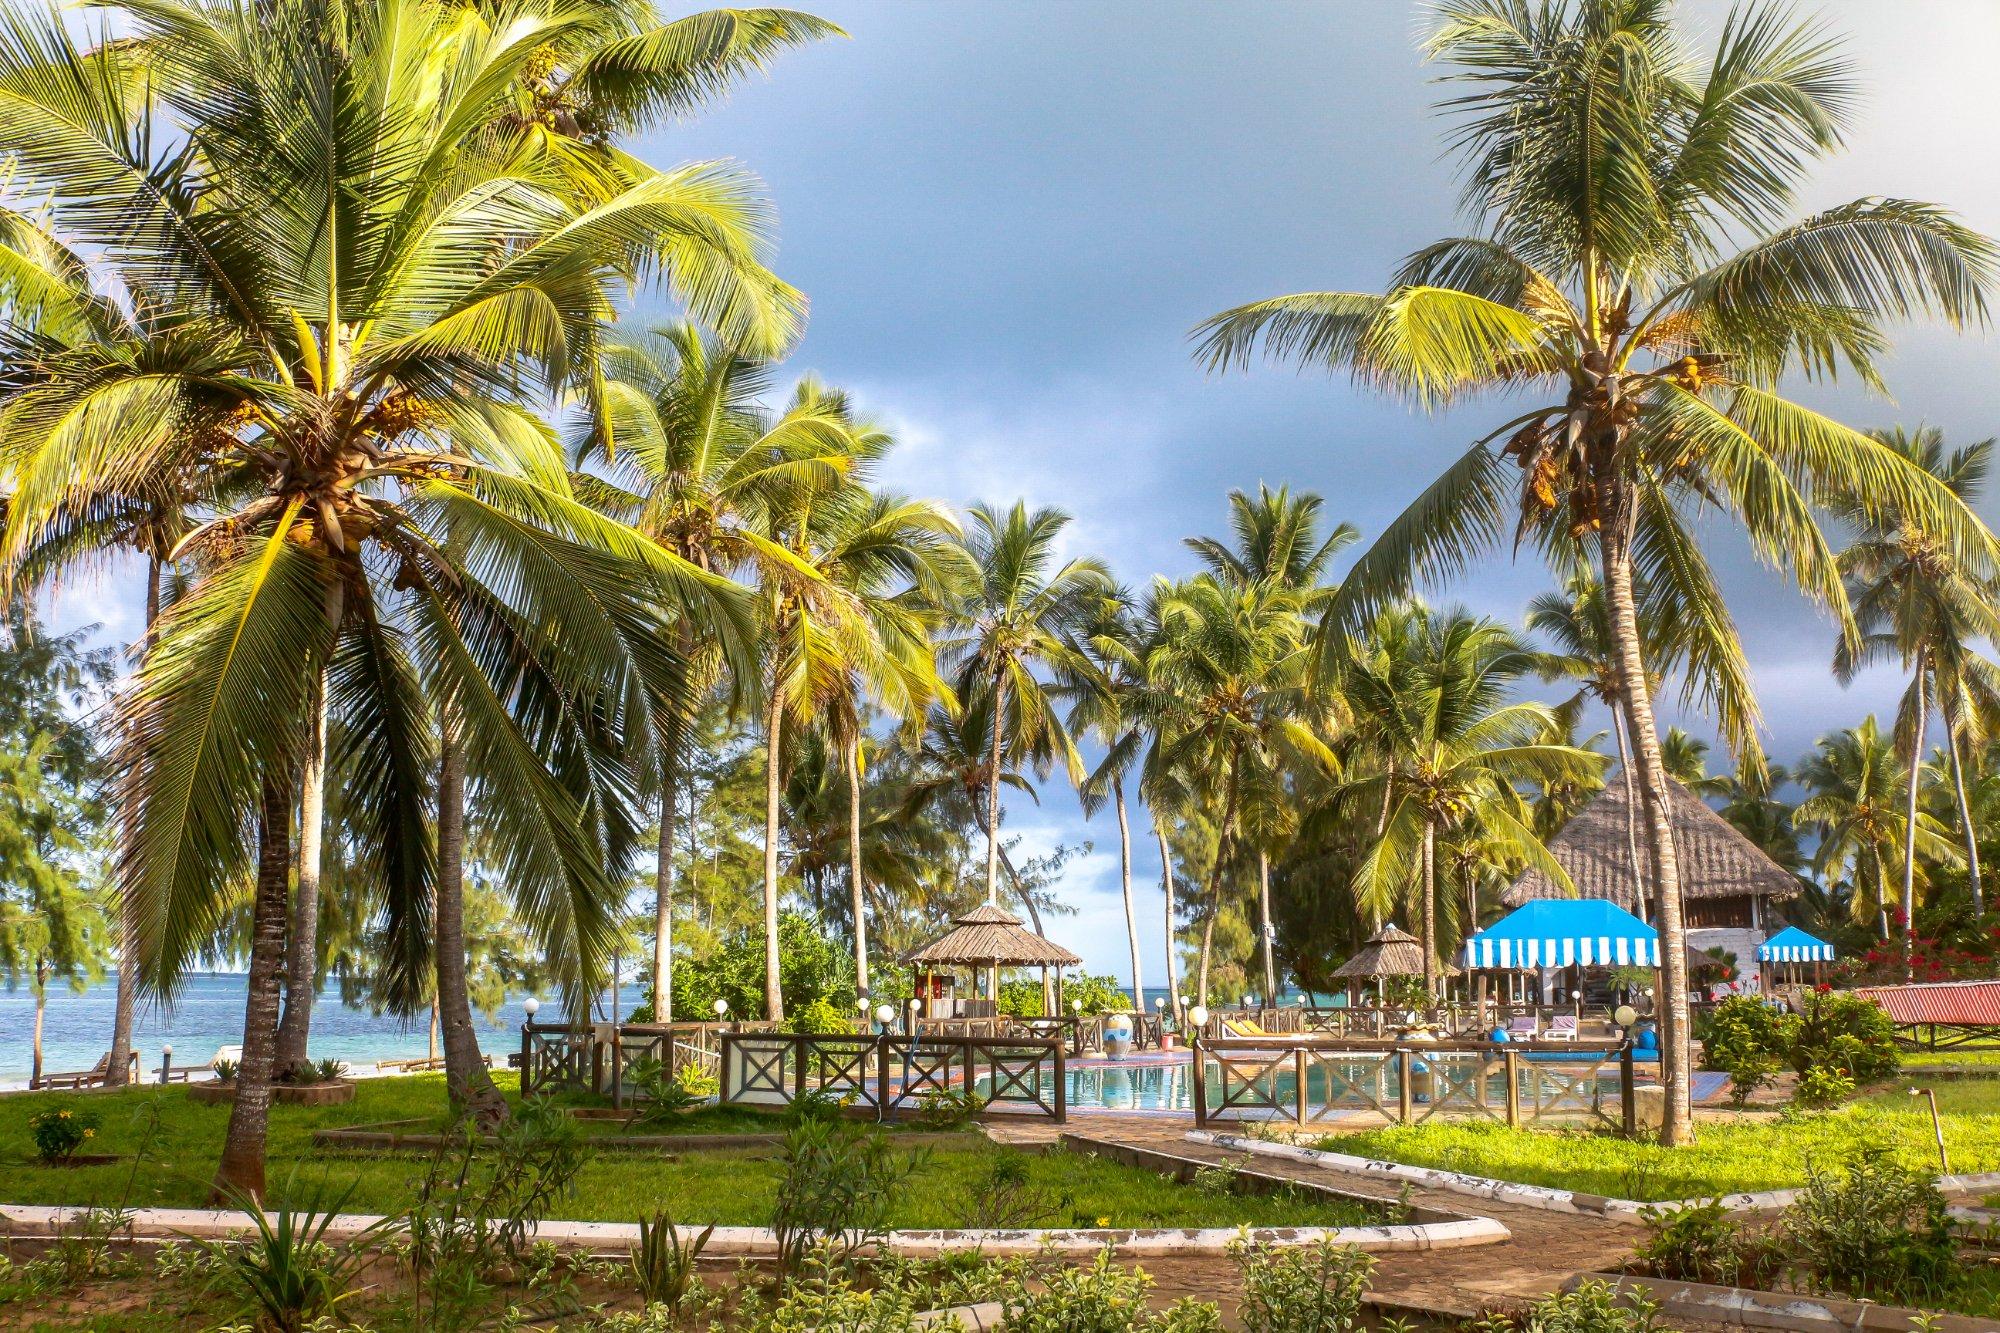 Mermaids Cove Beach Resort and Spa 3*